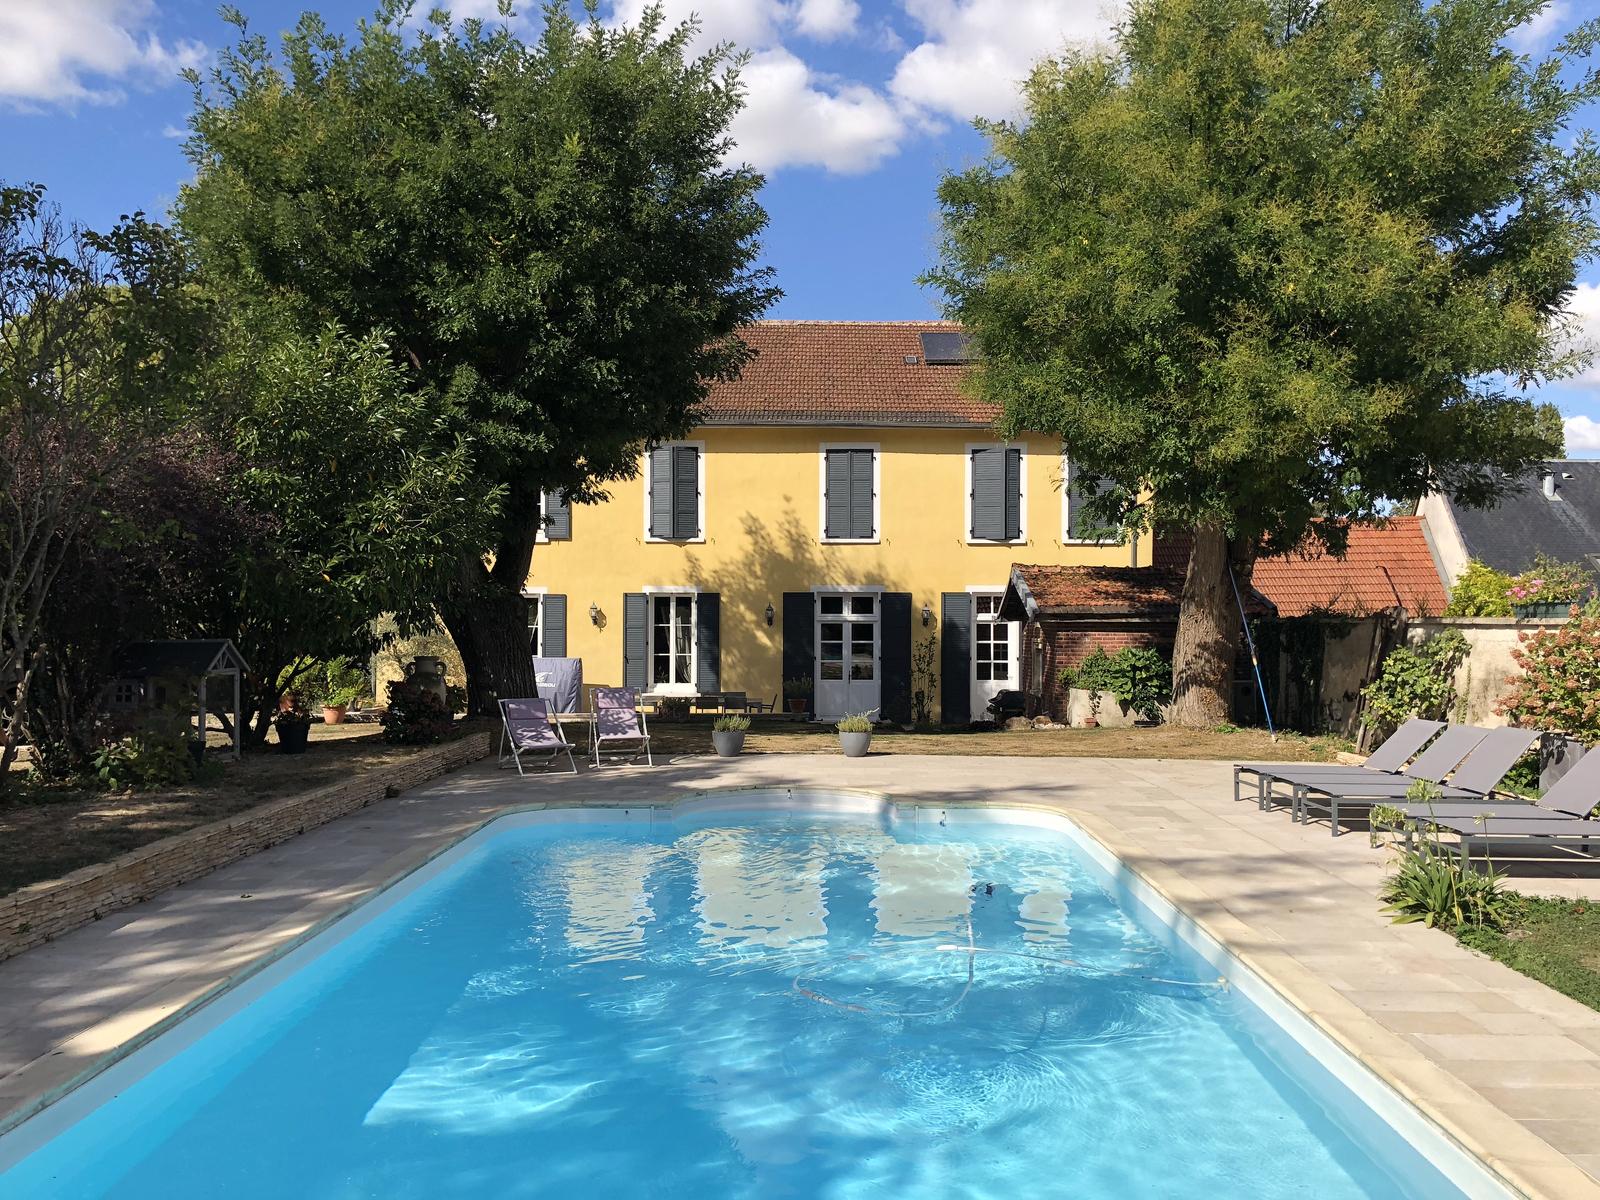 Arcis-Sur-Aube, Maison, 450 000 Euros Sur Immobilier.lefigaro.fr concernant Piscine Arcis Sur Aube